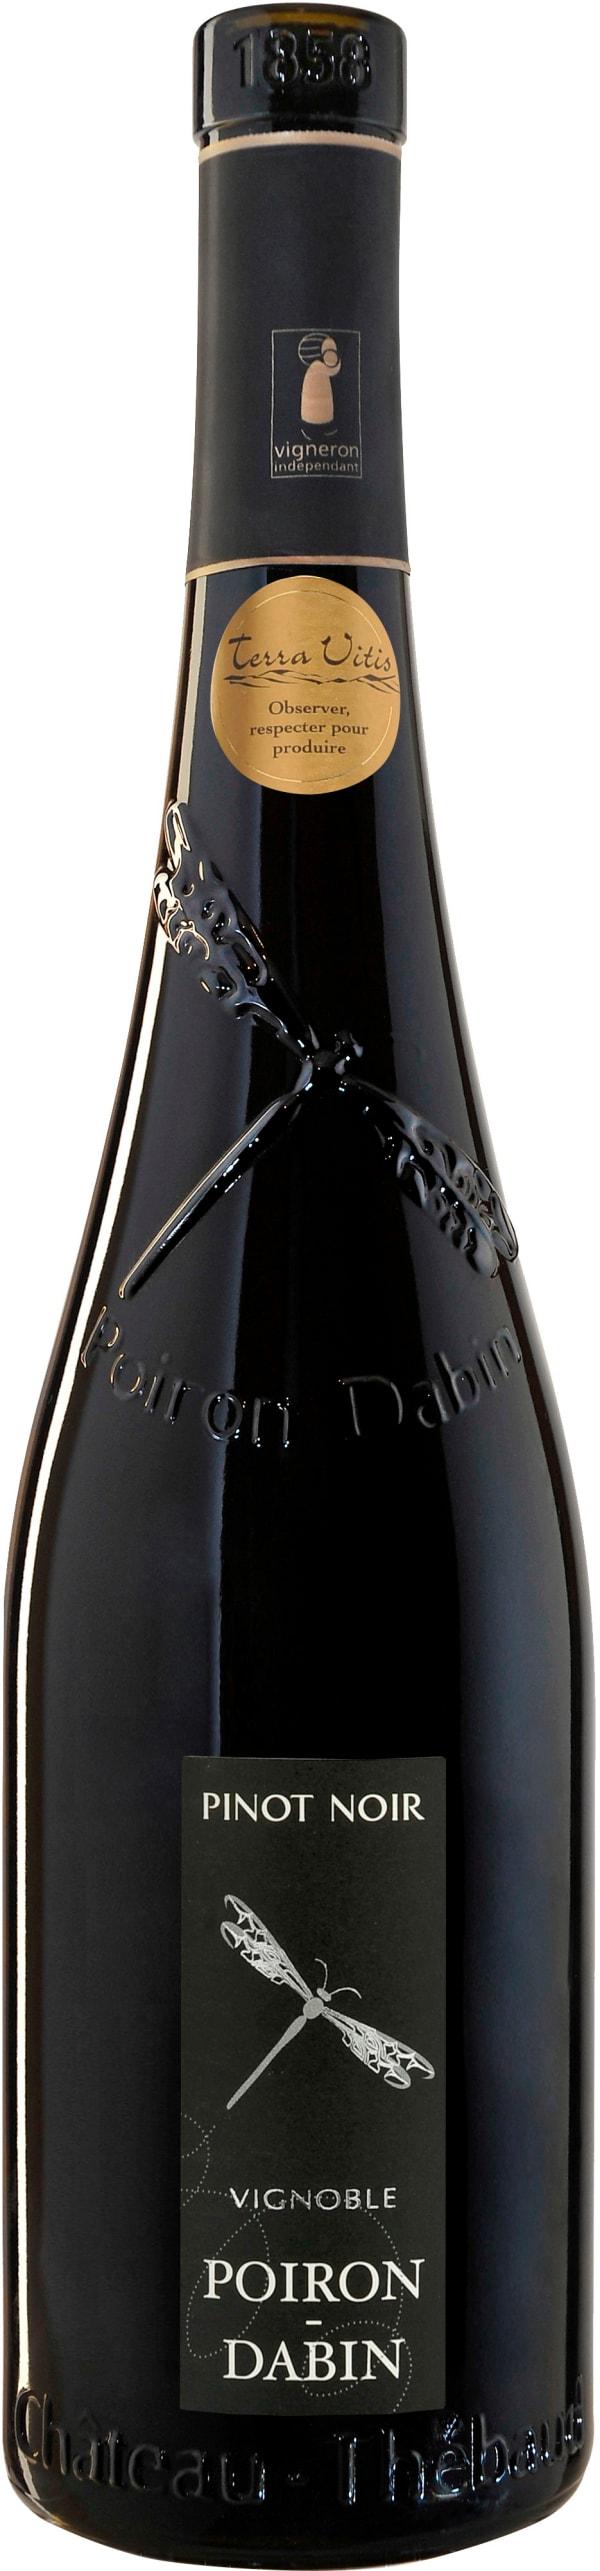 Poiron-Dabin Pinot Noir 2017